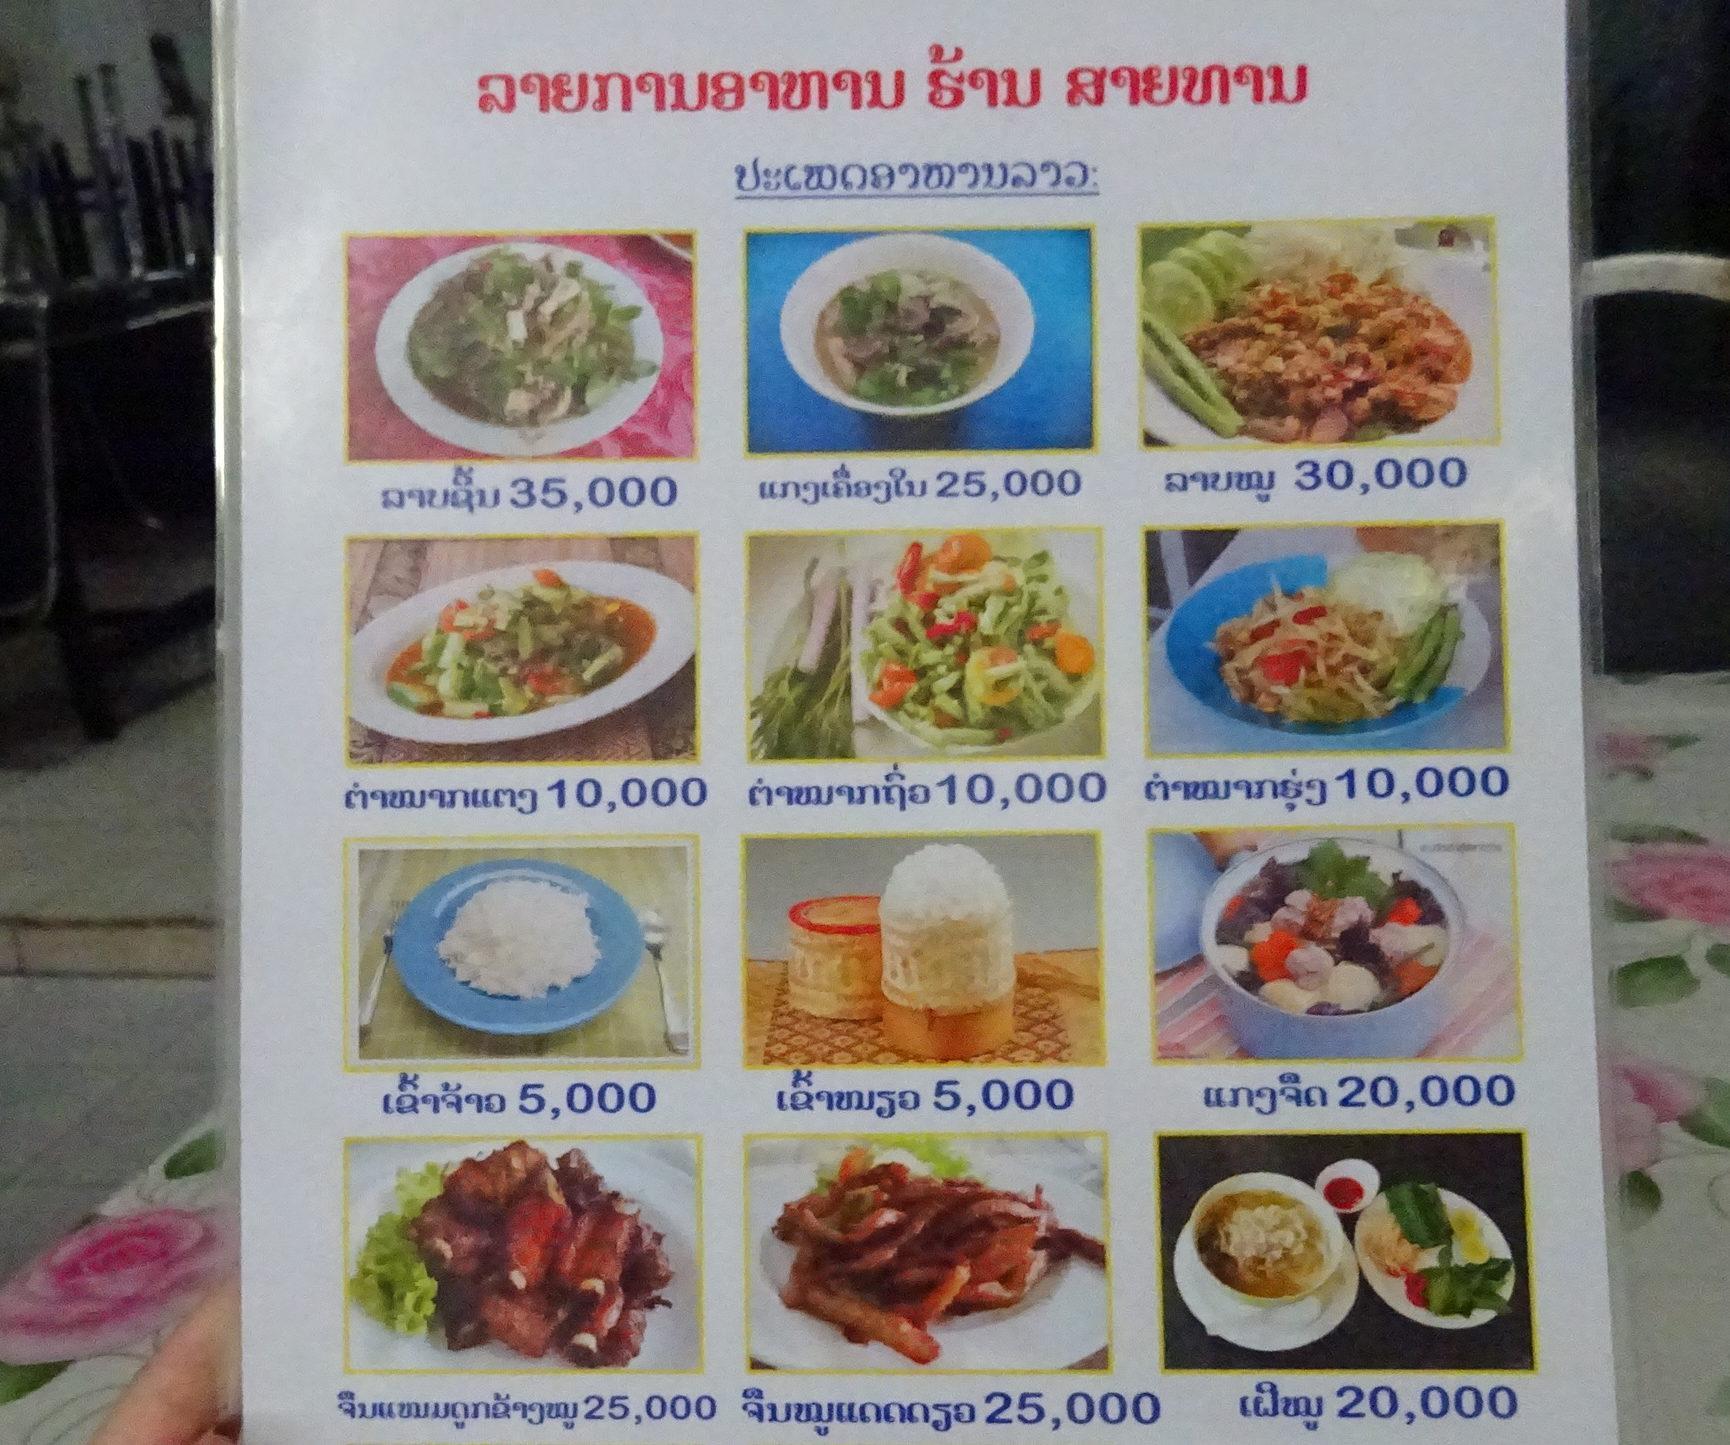 ラオスの物価を知るために入ったレストランのメニュー